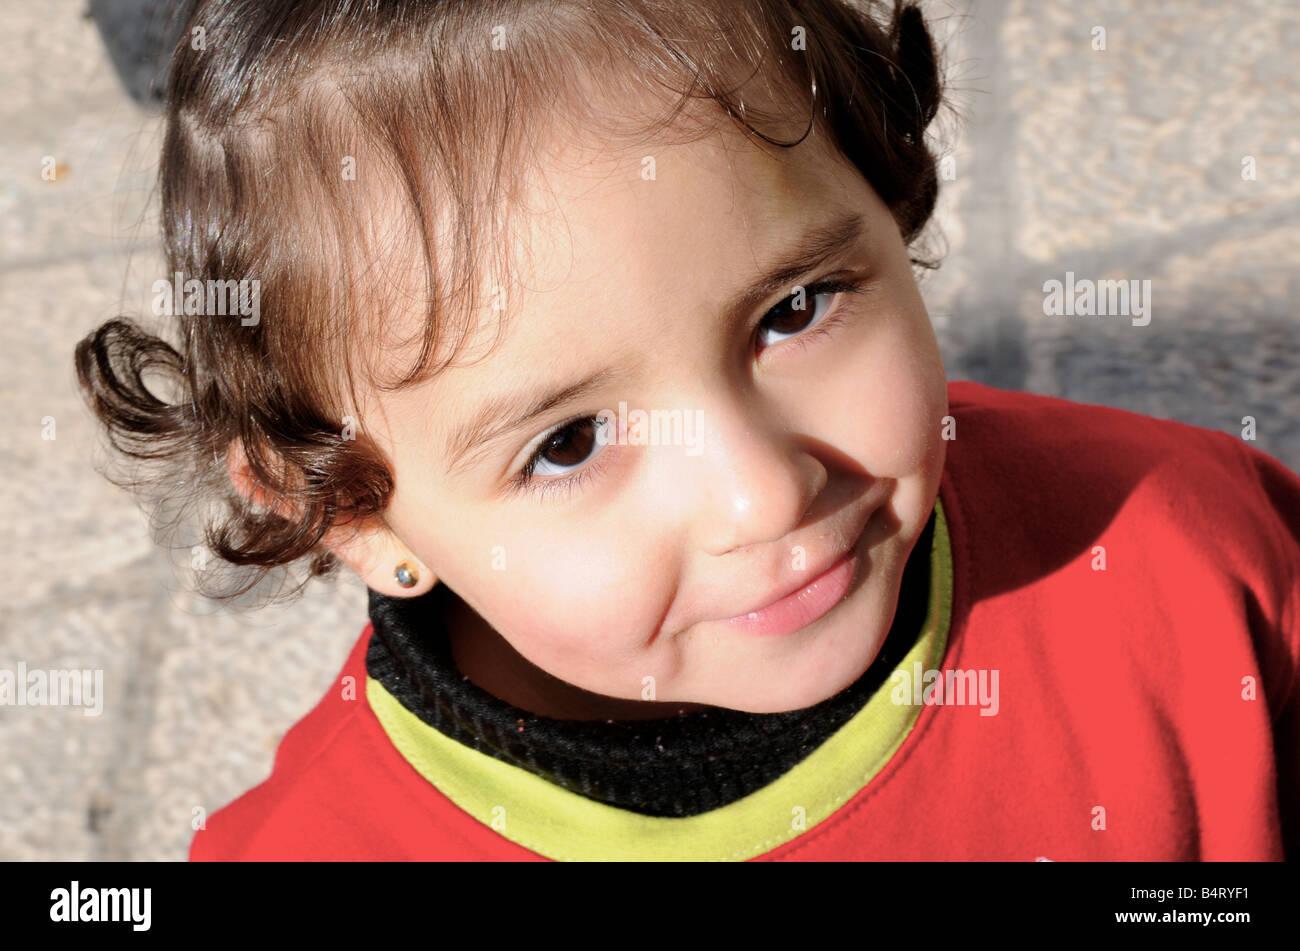 Fille Arabe une jeune fille arabe en dehors de sa résidence familiale dans la